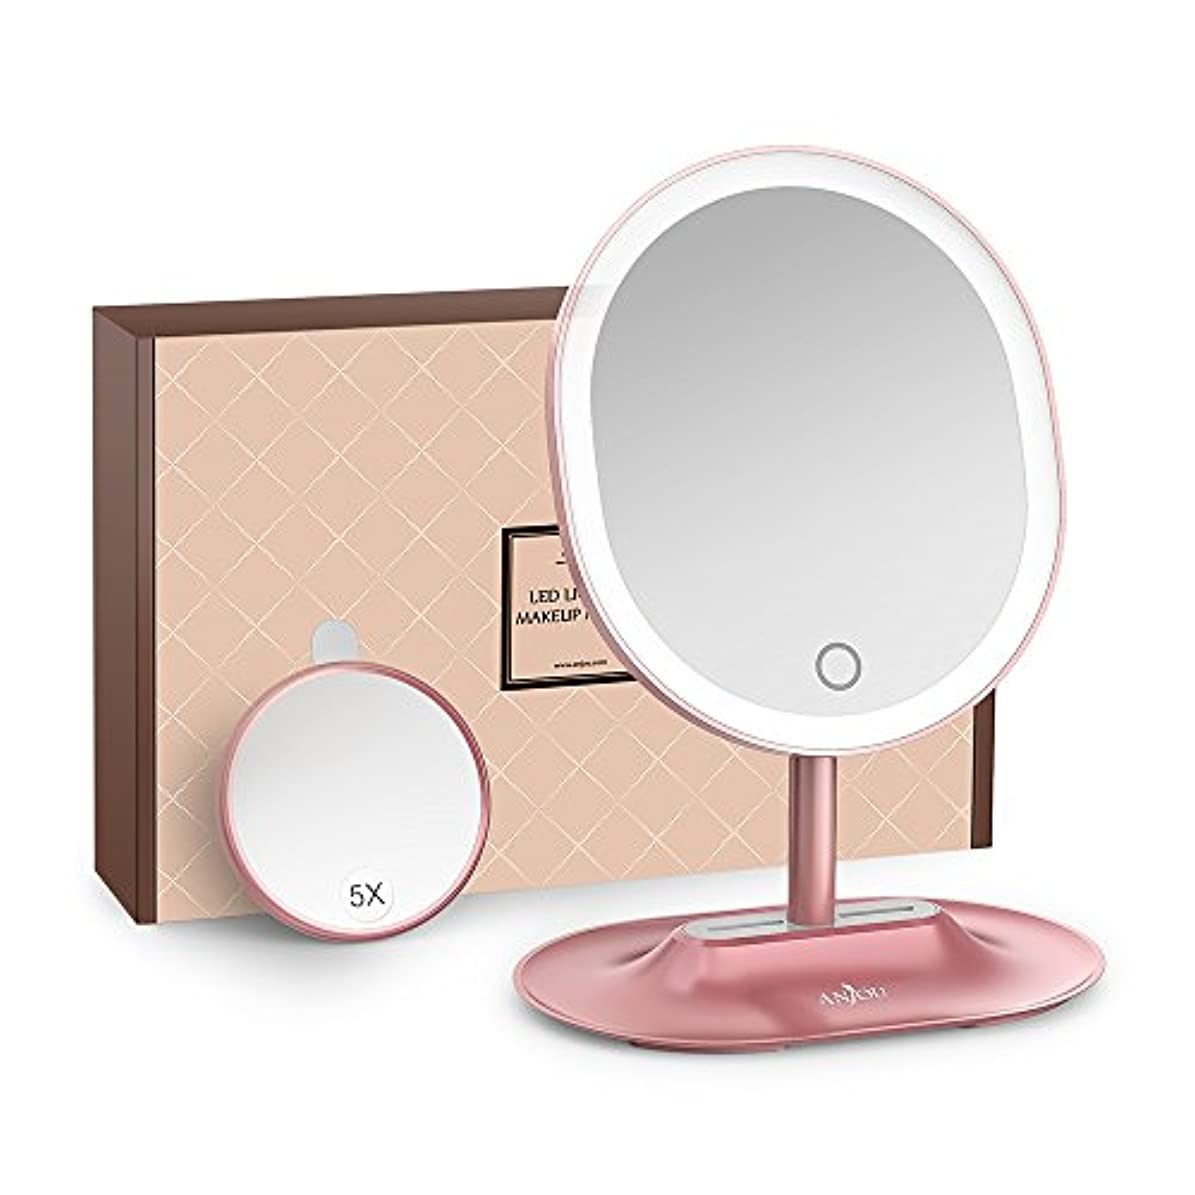 そこハウス直接Anjou 化粧ミラー LED 卓上 5倍 拡大鏡 タッチパネル 明るさ調節可 メイク スタンドミラー 120度回転 USB充電 トレー付 (ローズゴールド) AJ-MTA005